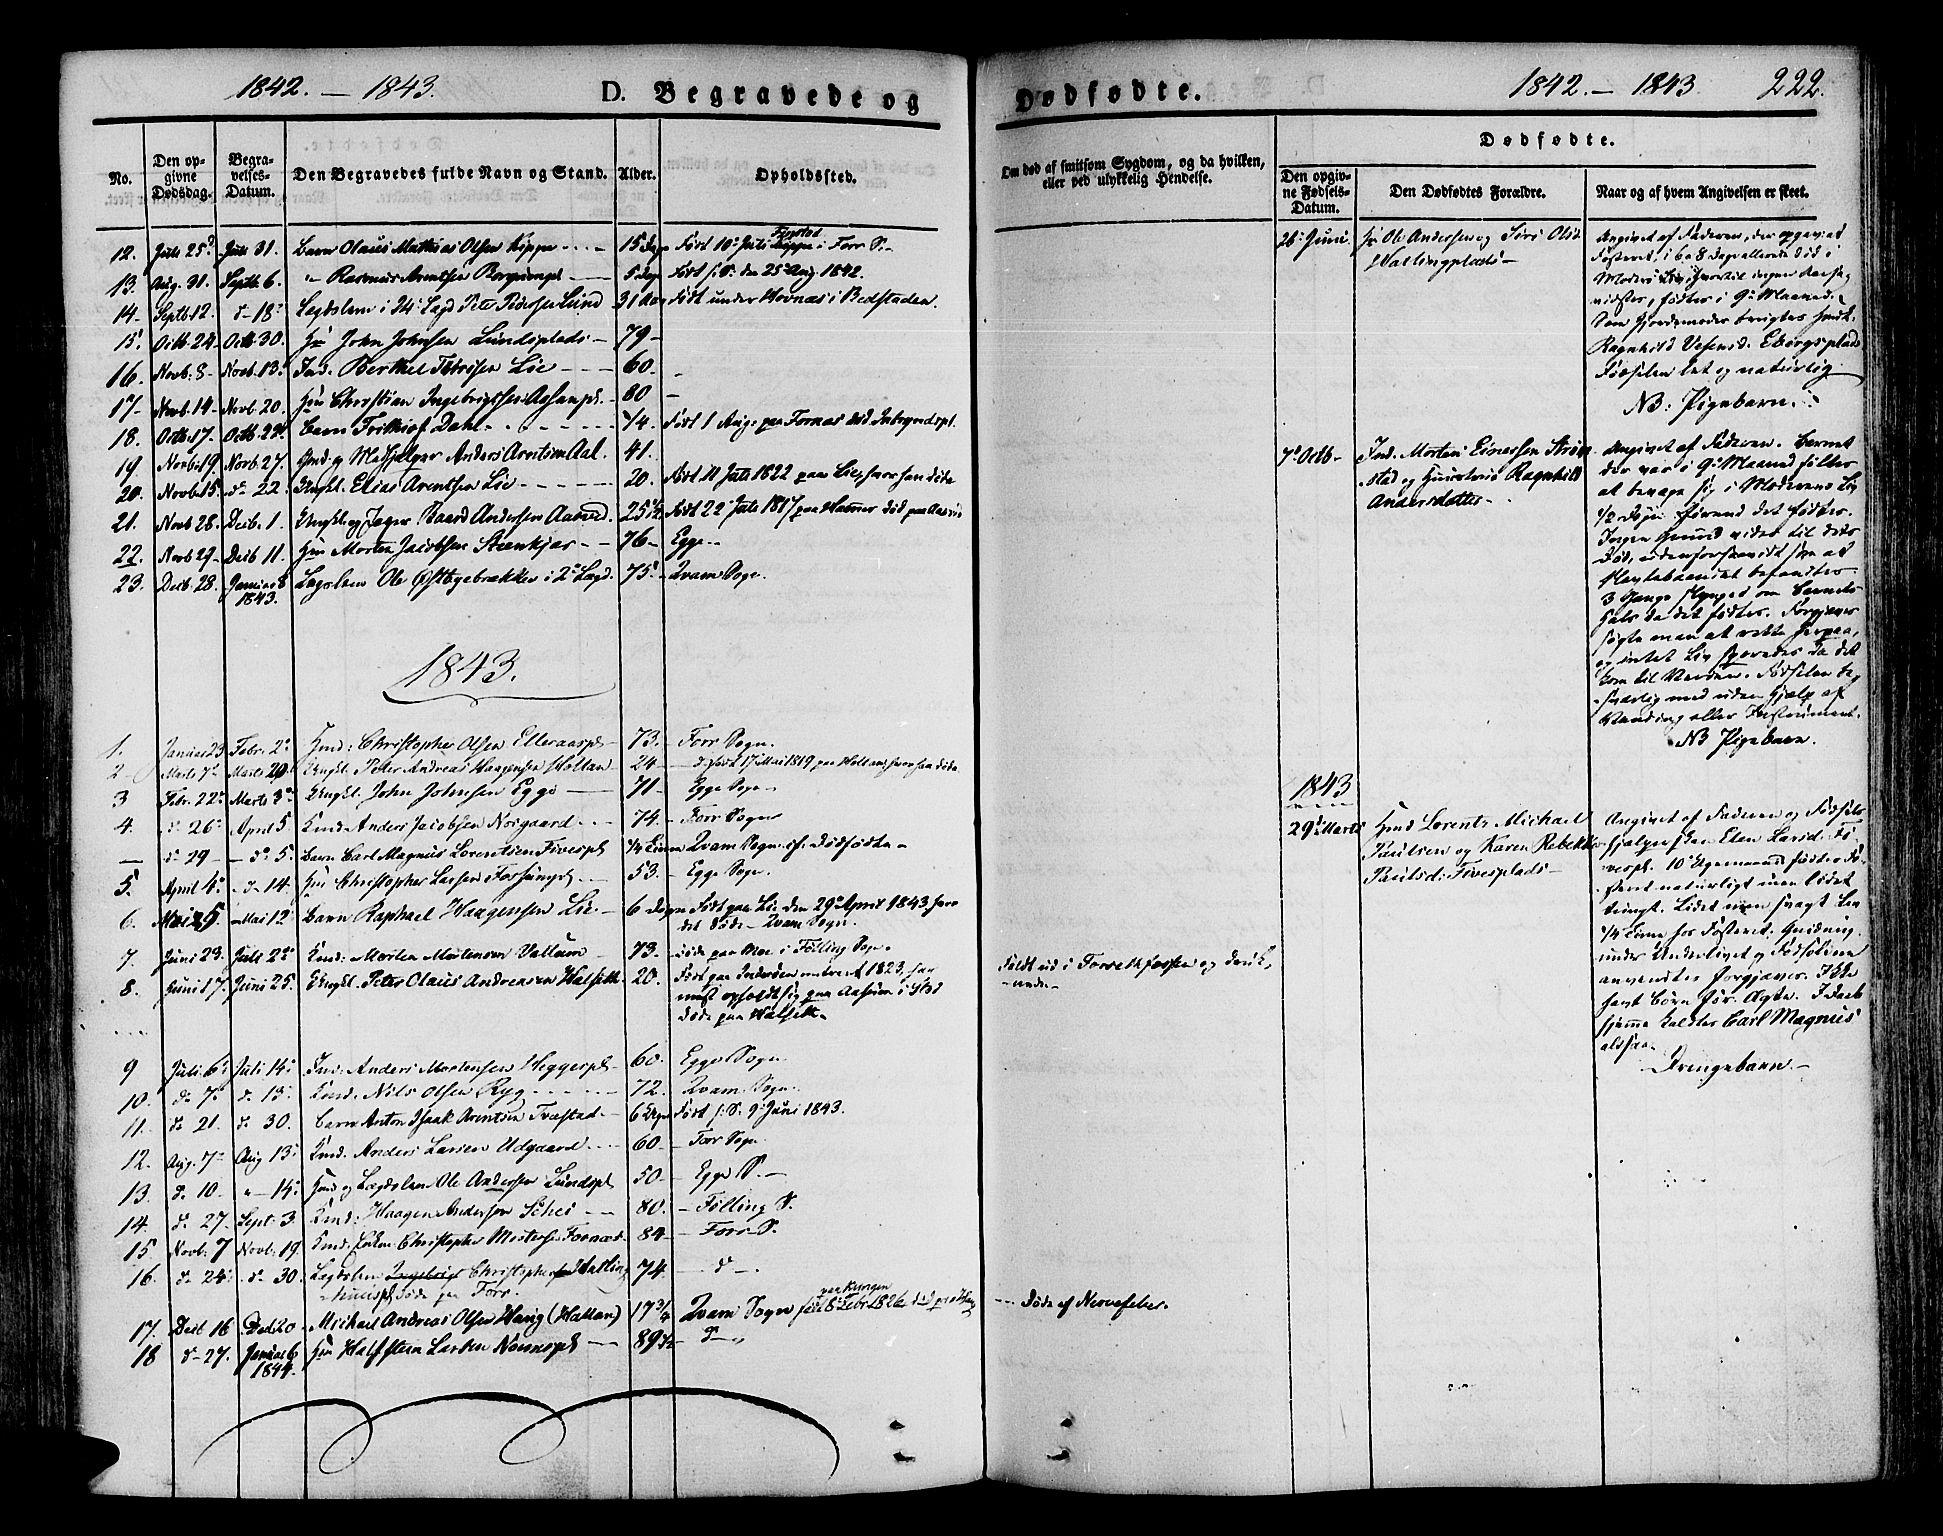 SAT, Ministerialprotokoller, klokkerbøker og fødselsregistre - Nord-Trøndelag, 746/L0445: Ministerialbok nr. 746A04, 1826-1846, s. 222